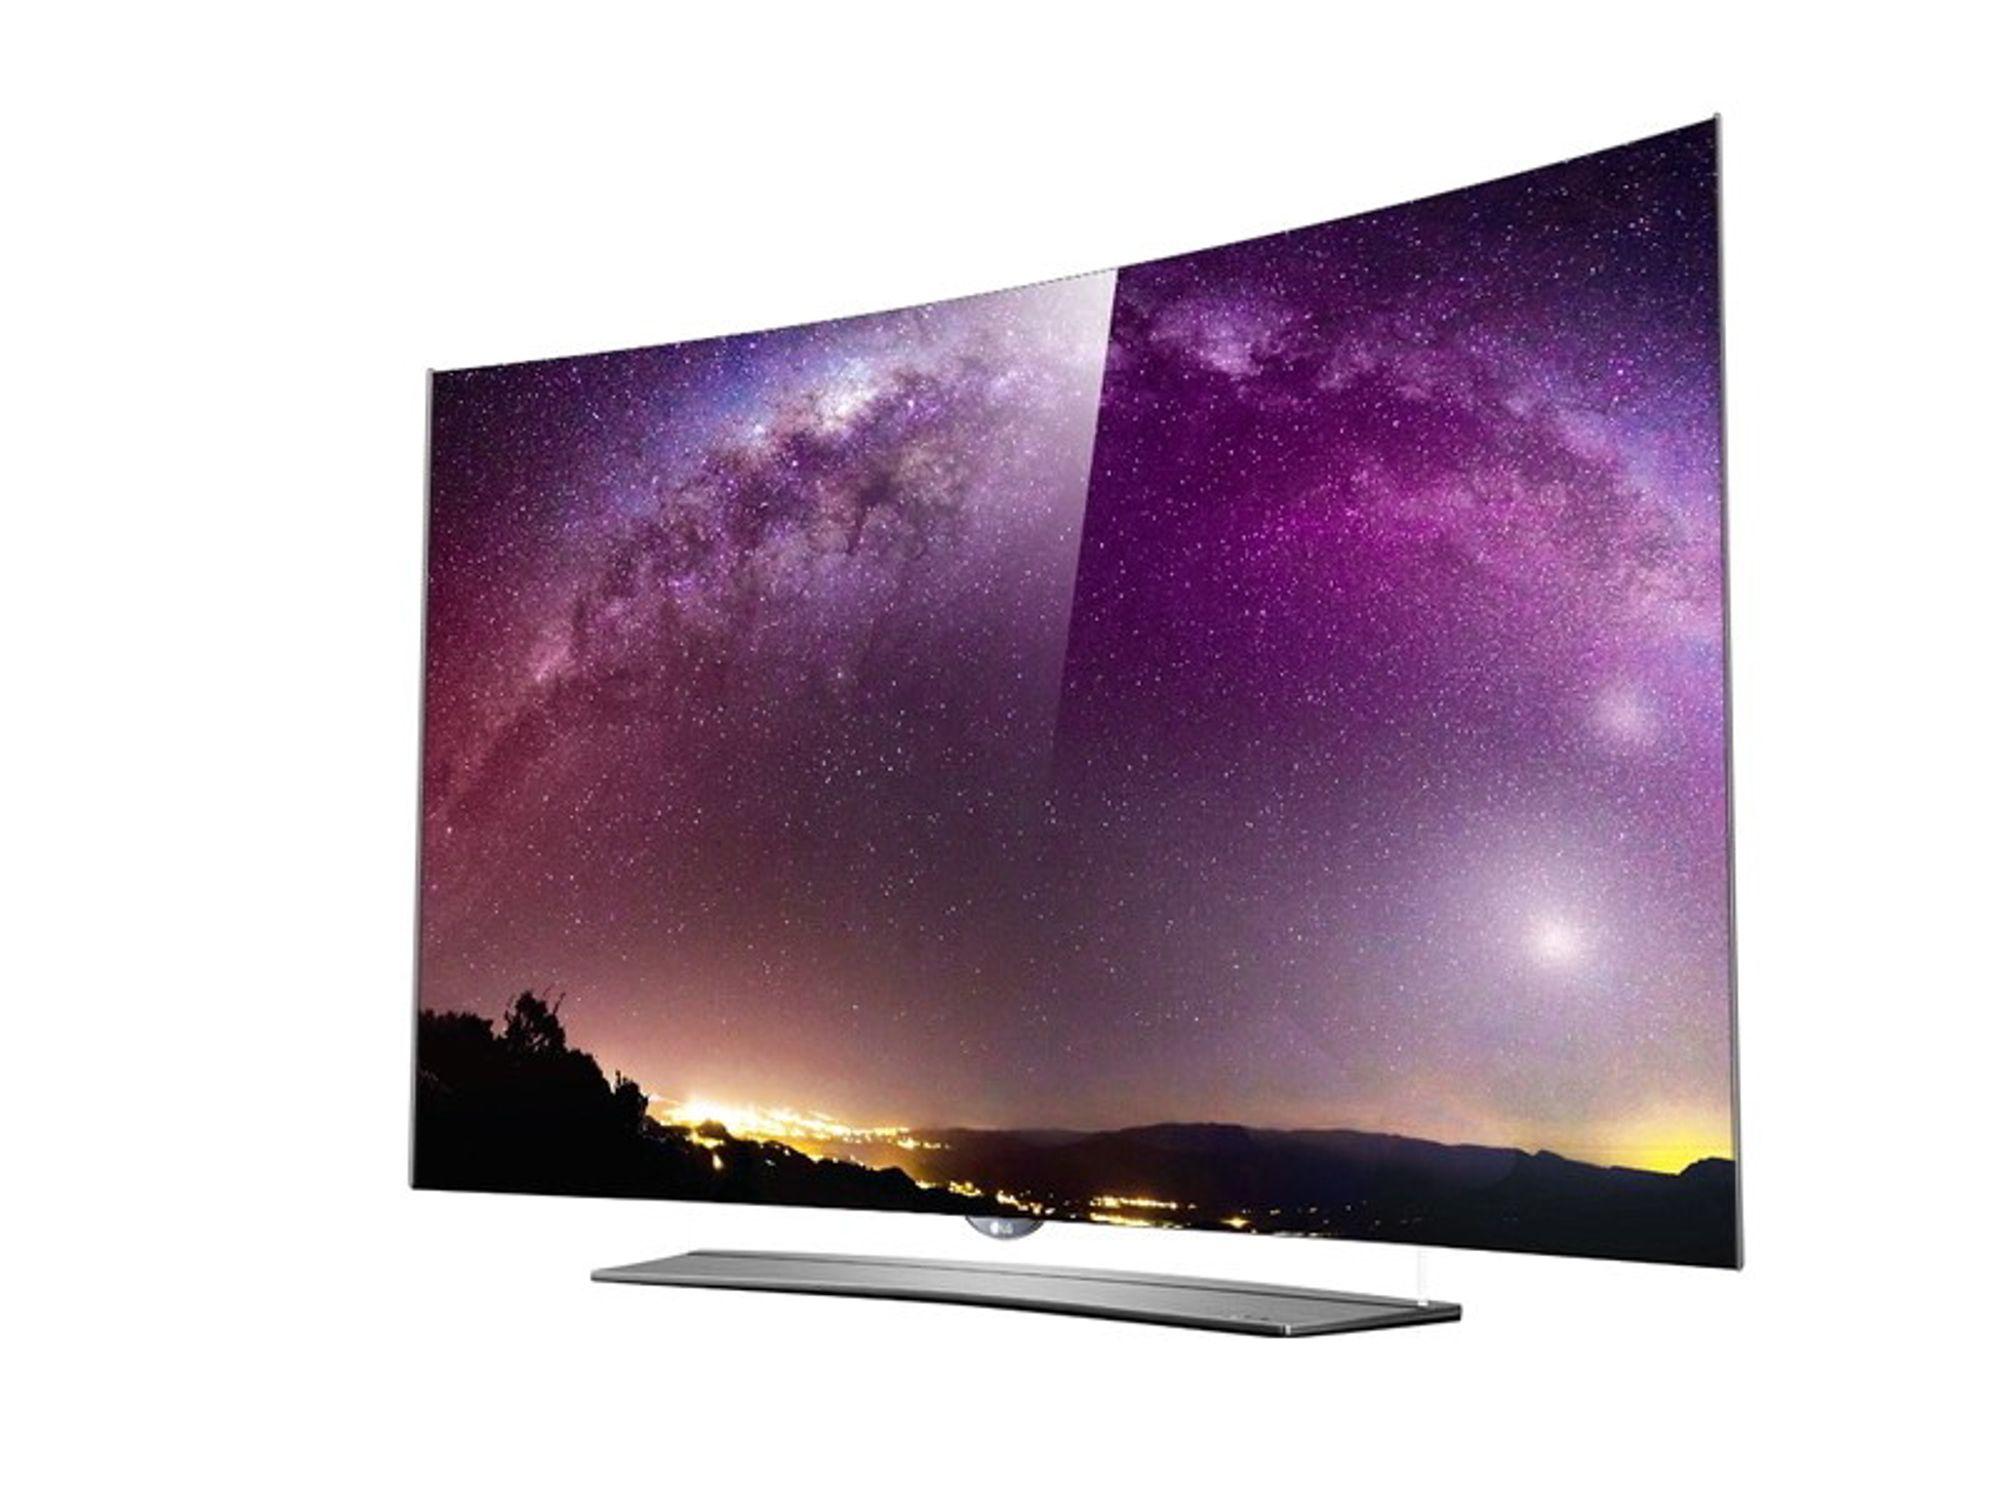 Mens noen ser etter ny bildeteknologi når de skal kjøpe TV, er de fleste mest opptatt av størrelsen på skjermen.